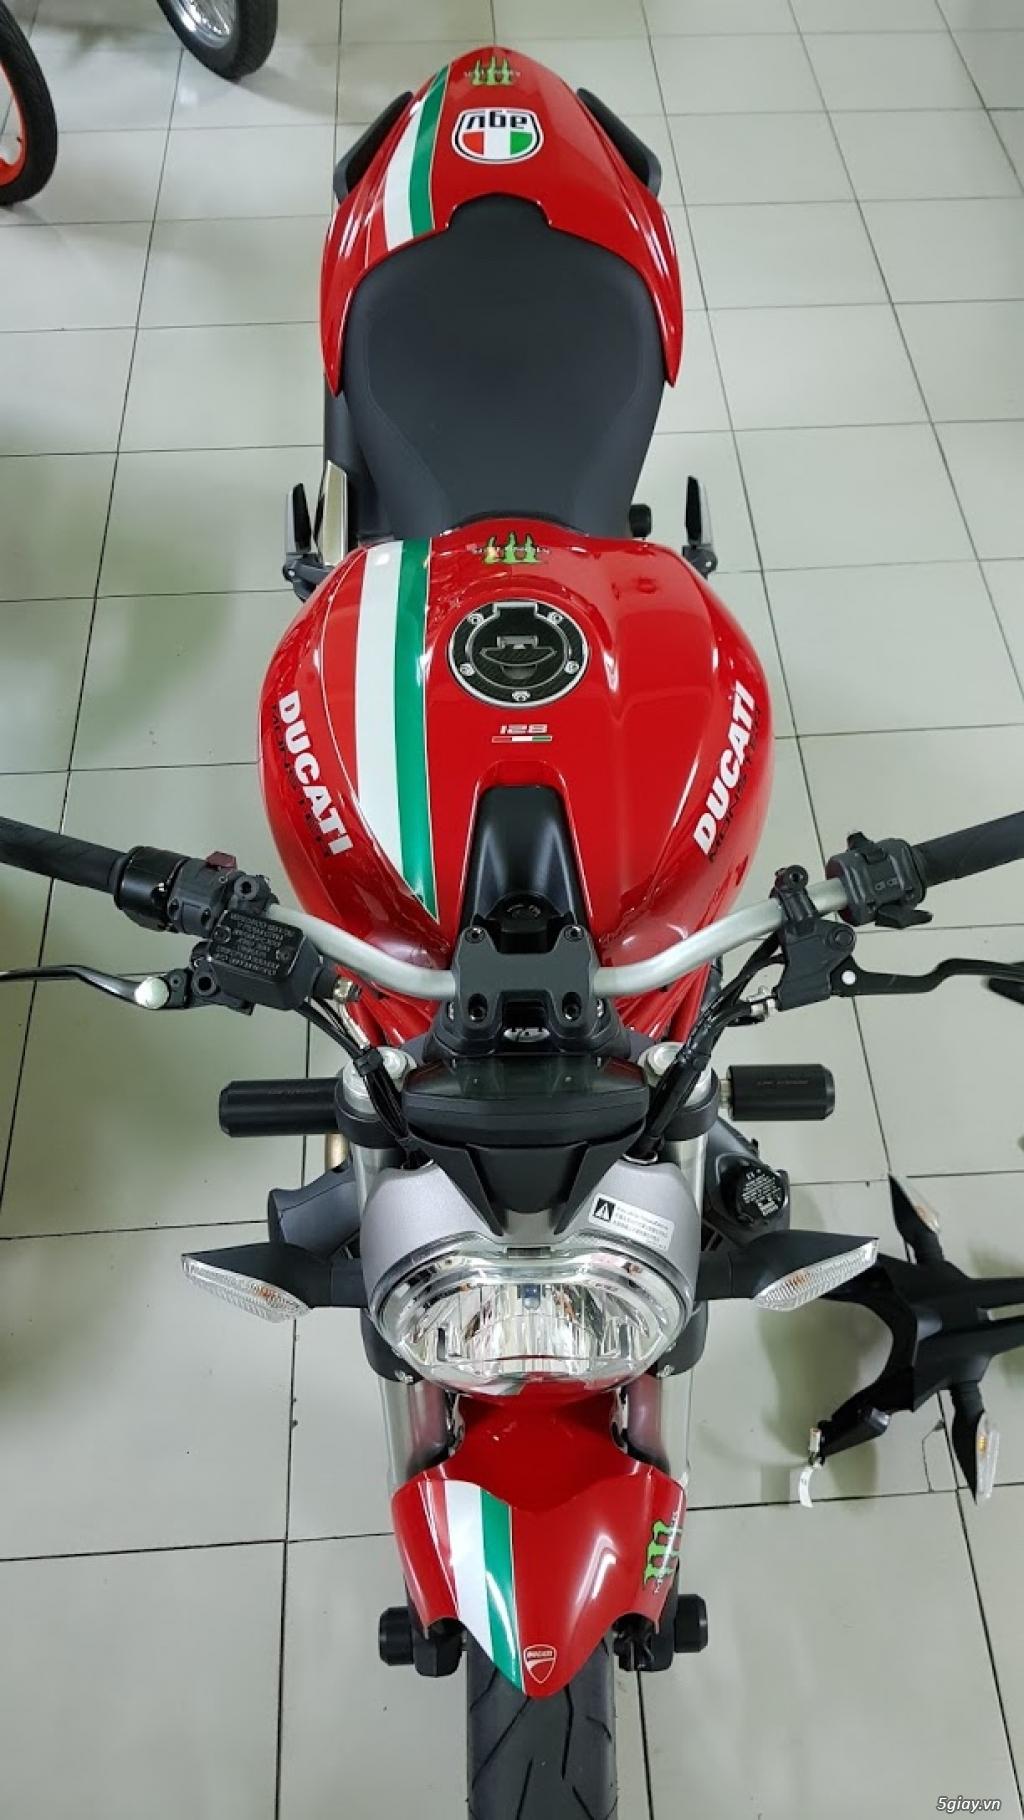 Ban Ducati Monster 821 ABS thang 52017 chinh hang Saigon so VIP - 16